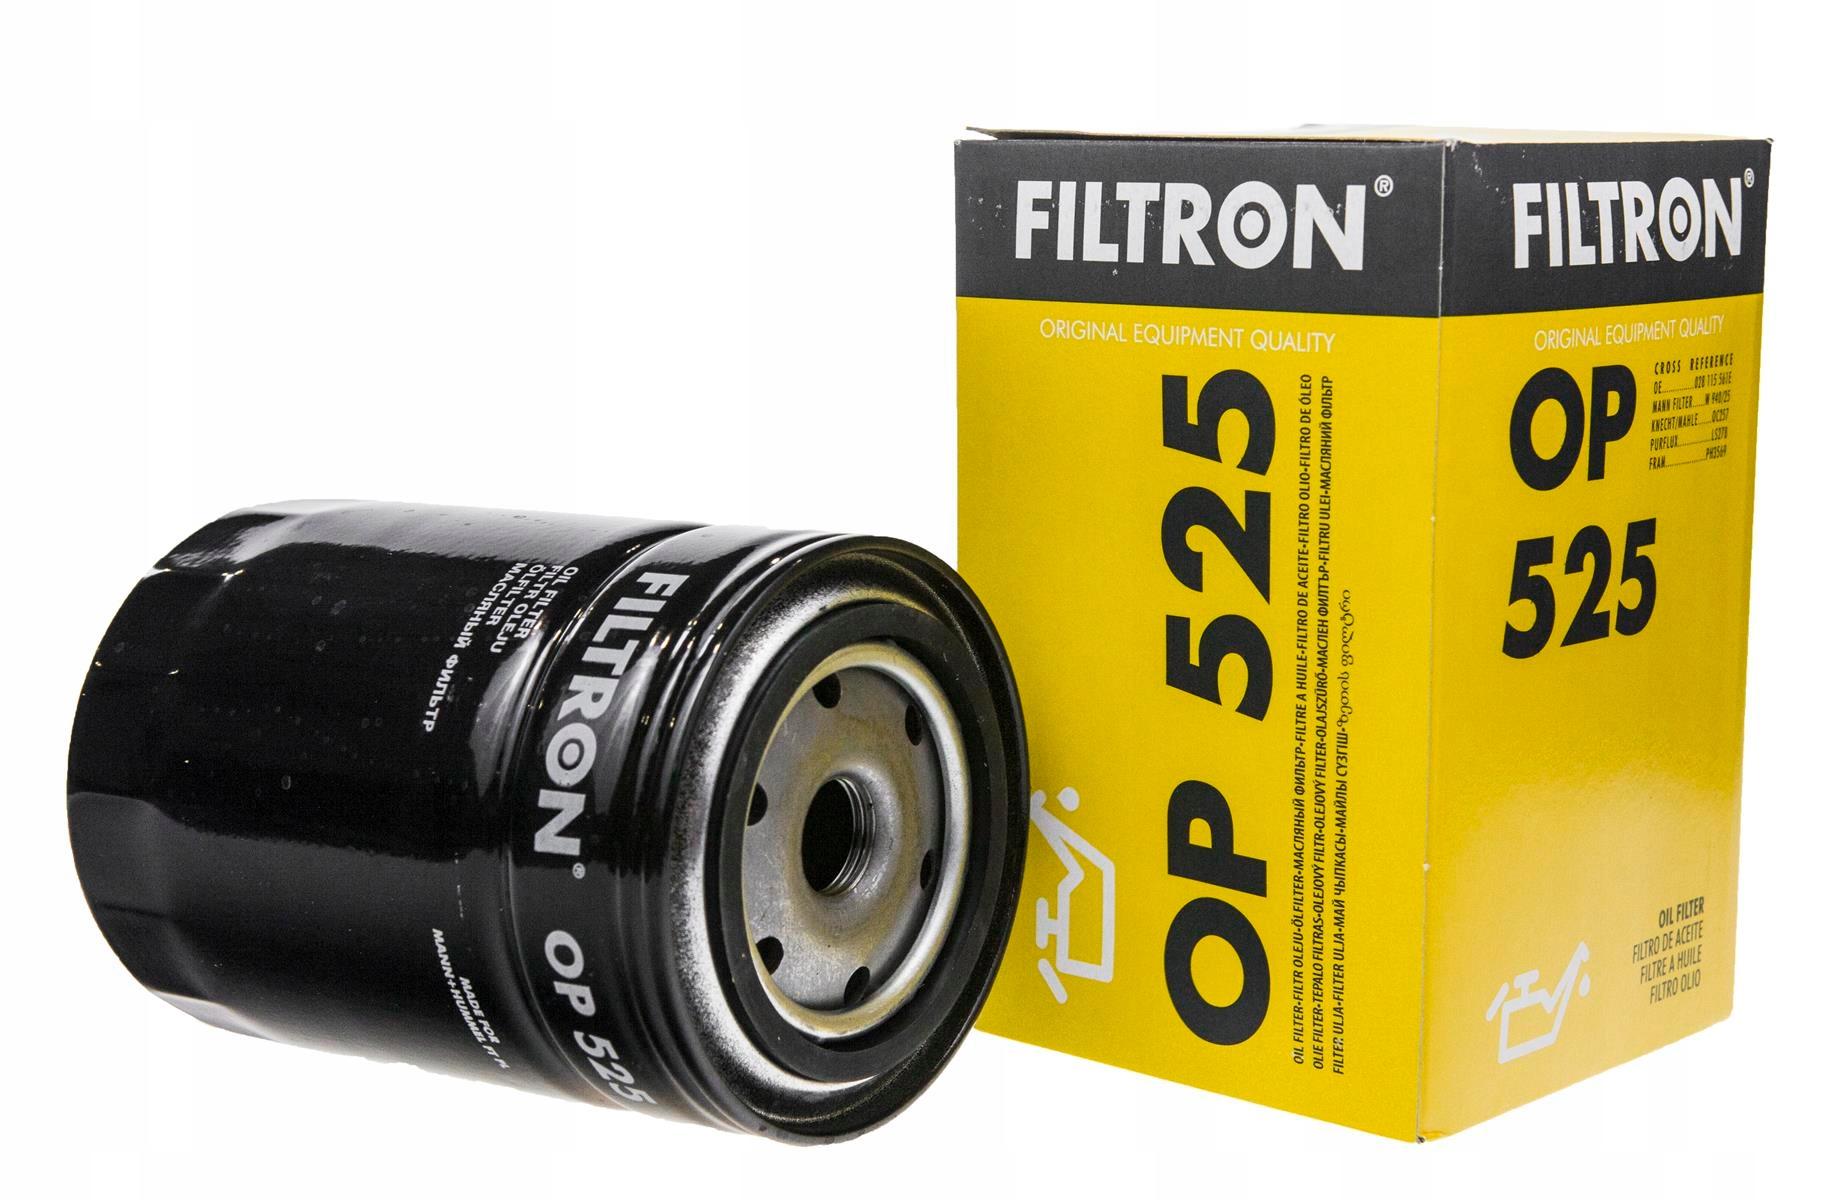 фильтр масла filtron кол-во в упак 525